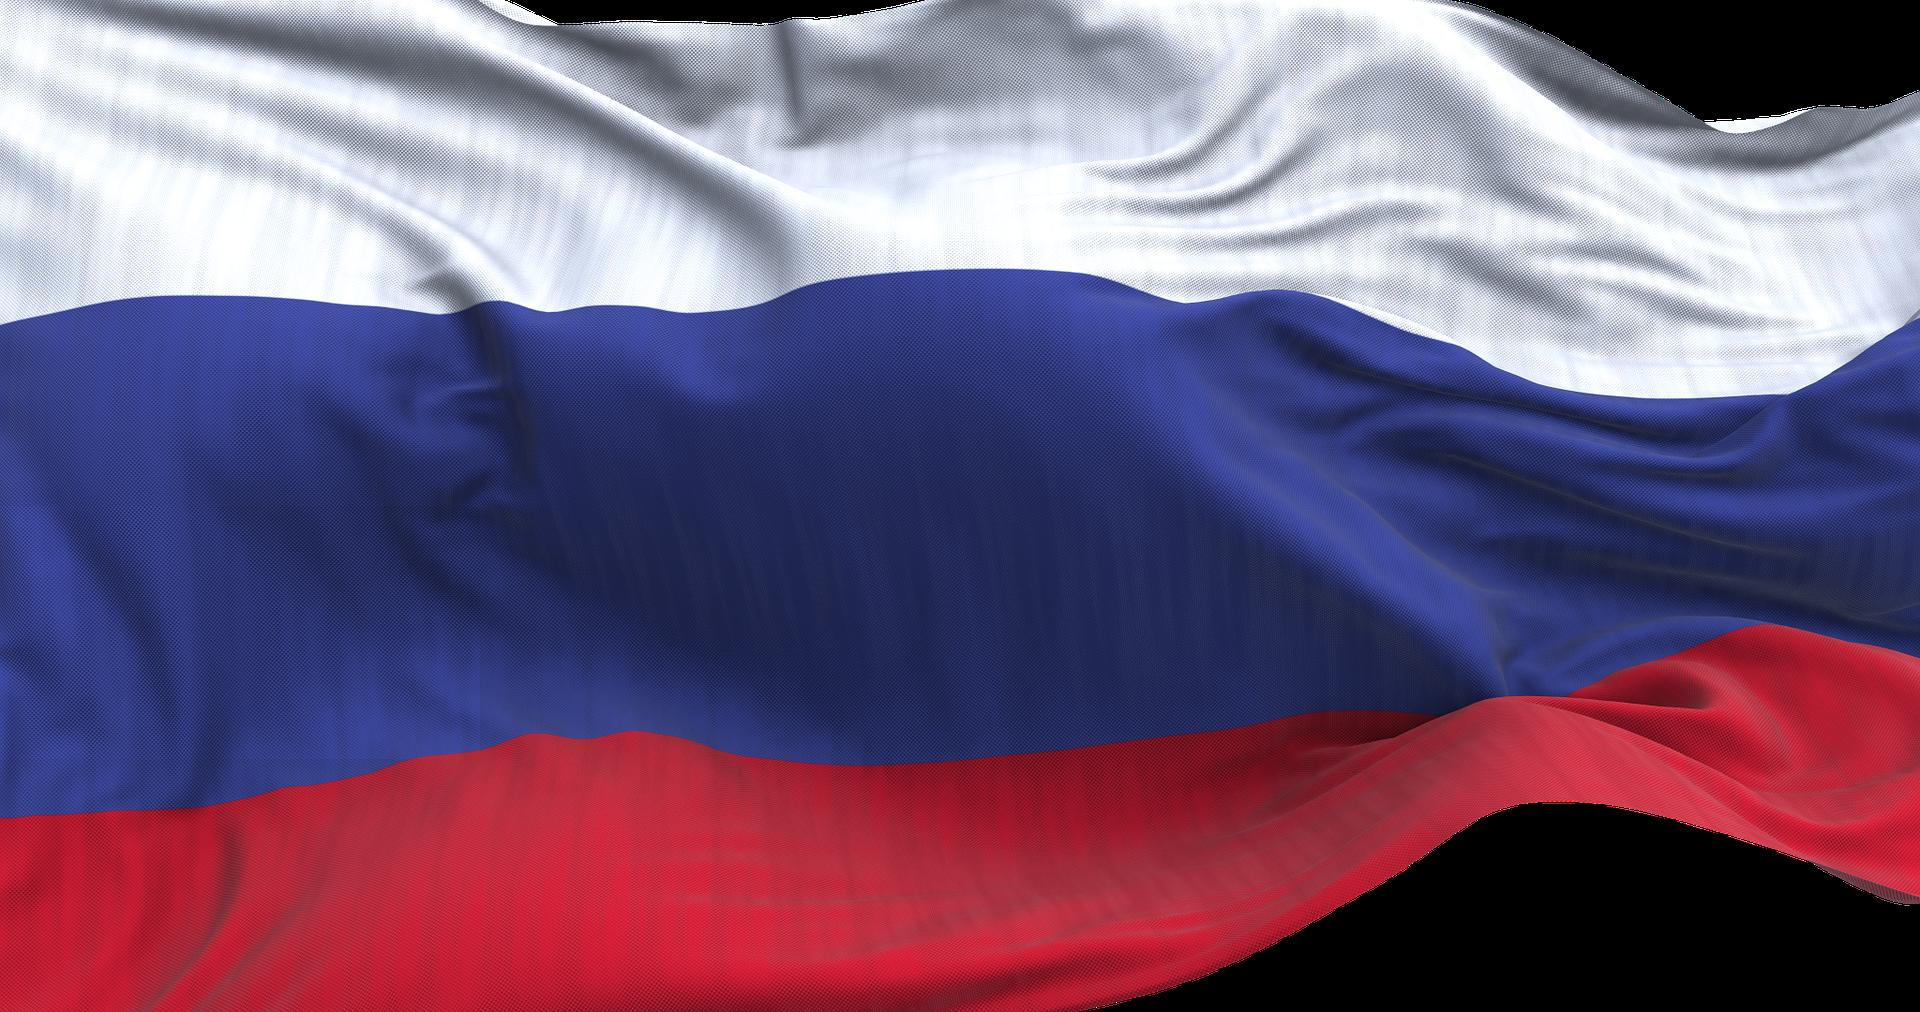 МИД России — об ответе на санкции США: Мы их скоро порадуем